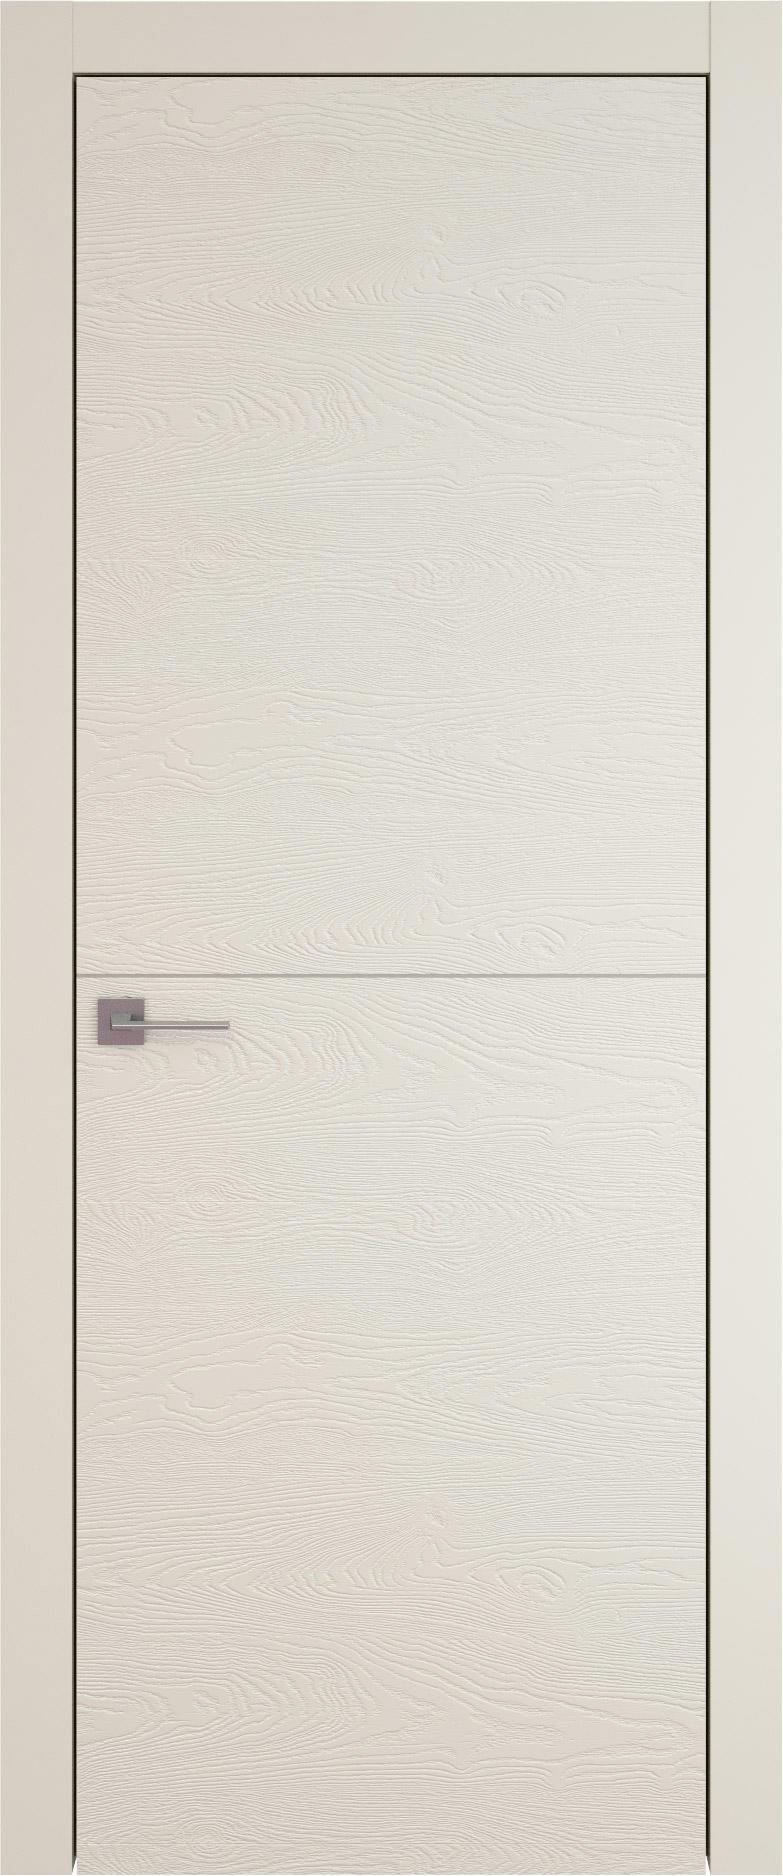 Tivoli Б-2 цвет - Жемчужная эмаль по шпону (RAL 1013) Без стекла (ДГ)